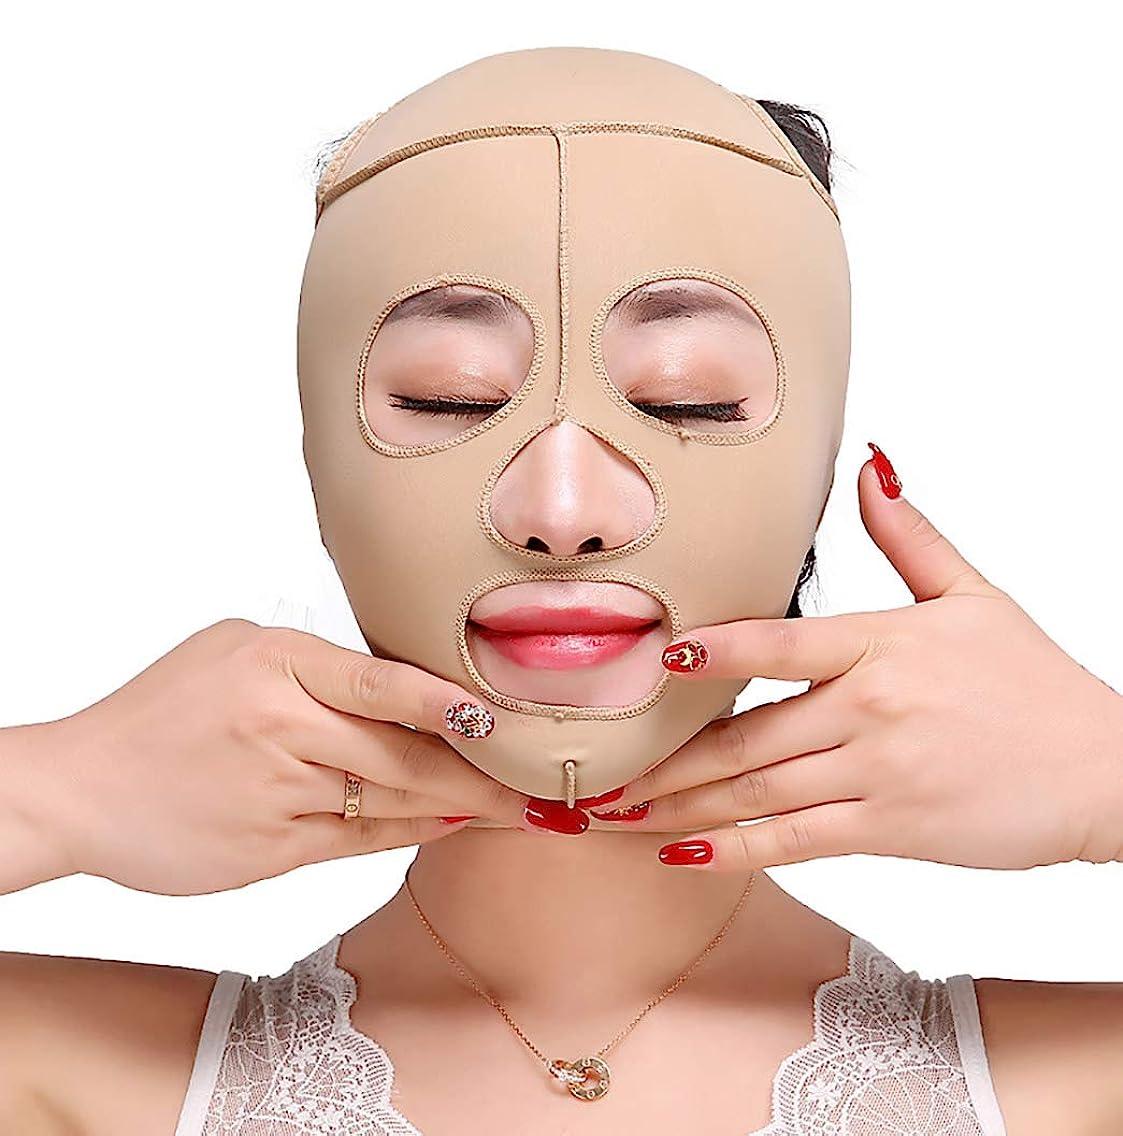 アフリカ検閲電気陽性GLJJQMY 痩身ベルト痩身ベルト薄い顔の包帯小V顔の顔の薄い顔のマスク包帯の強化引き締めV顔美容マスク小さな顔の包帯の頭飾り修正顔の形 顔用整形マスク (Size : M)